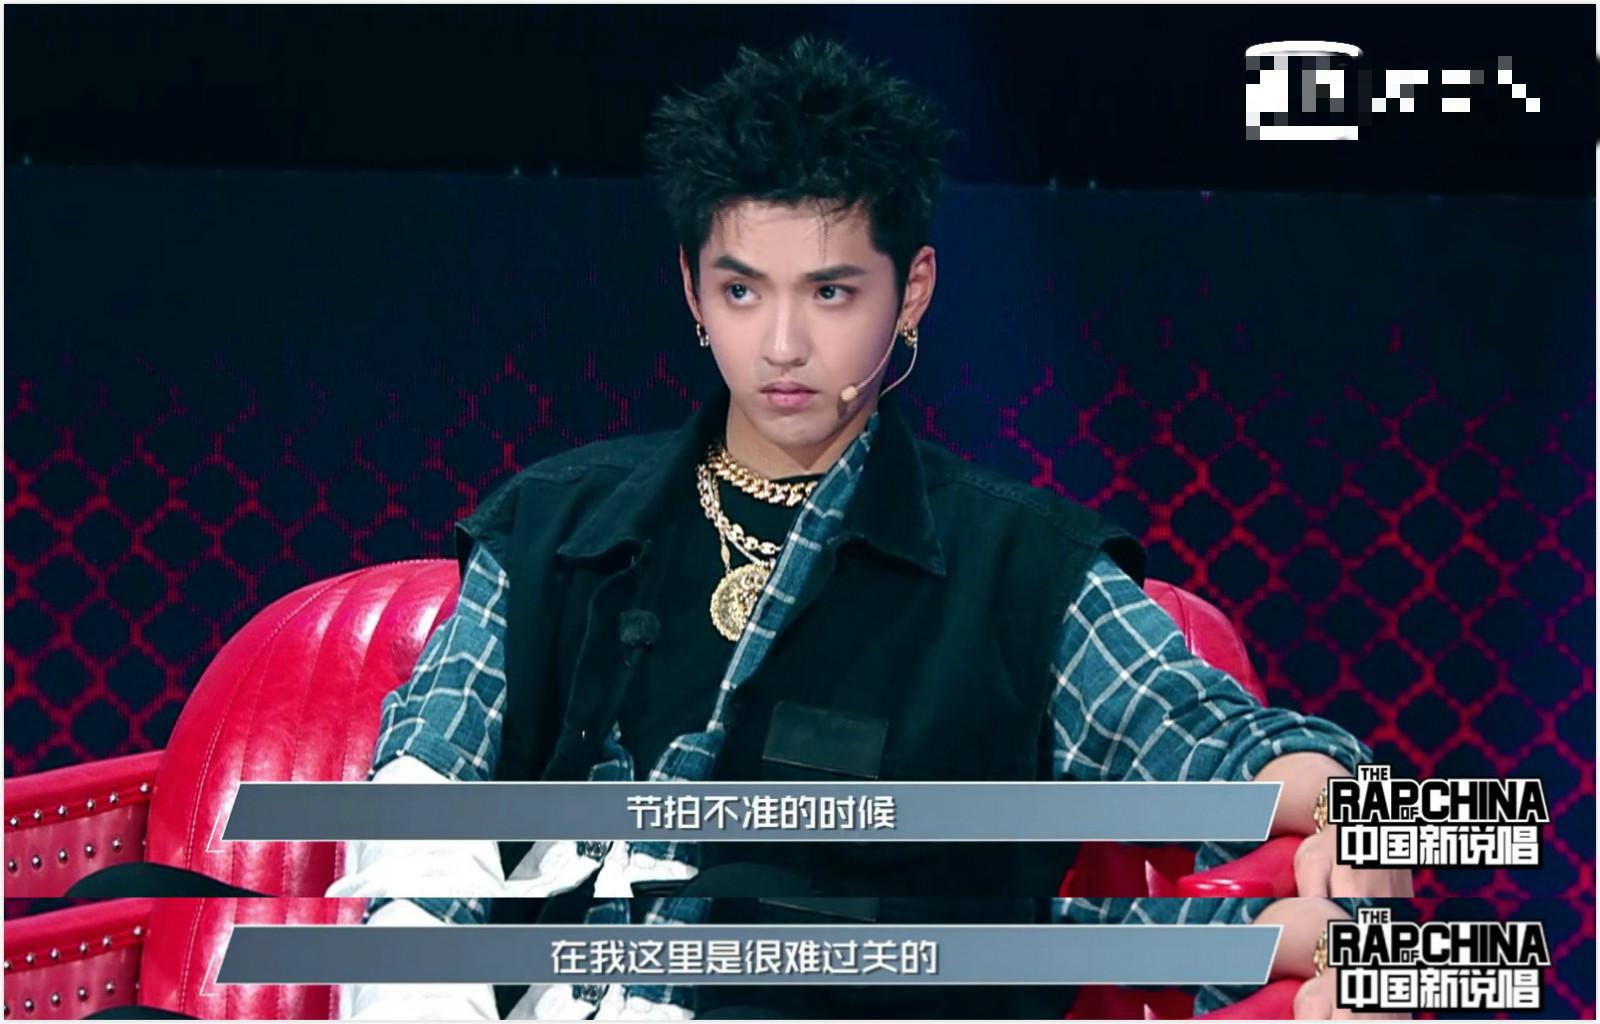 《中国新说唱》14日首播 吴亦凡谈选人标准:节拍很重要